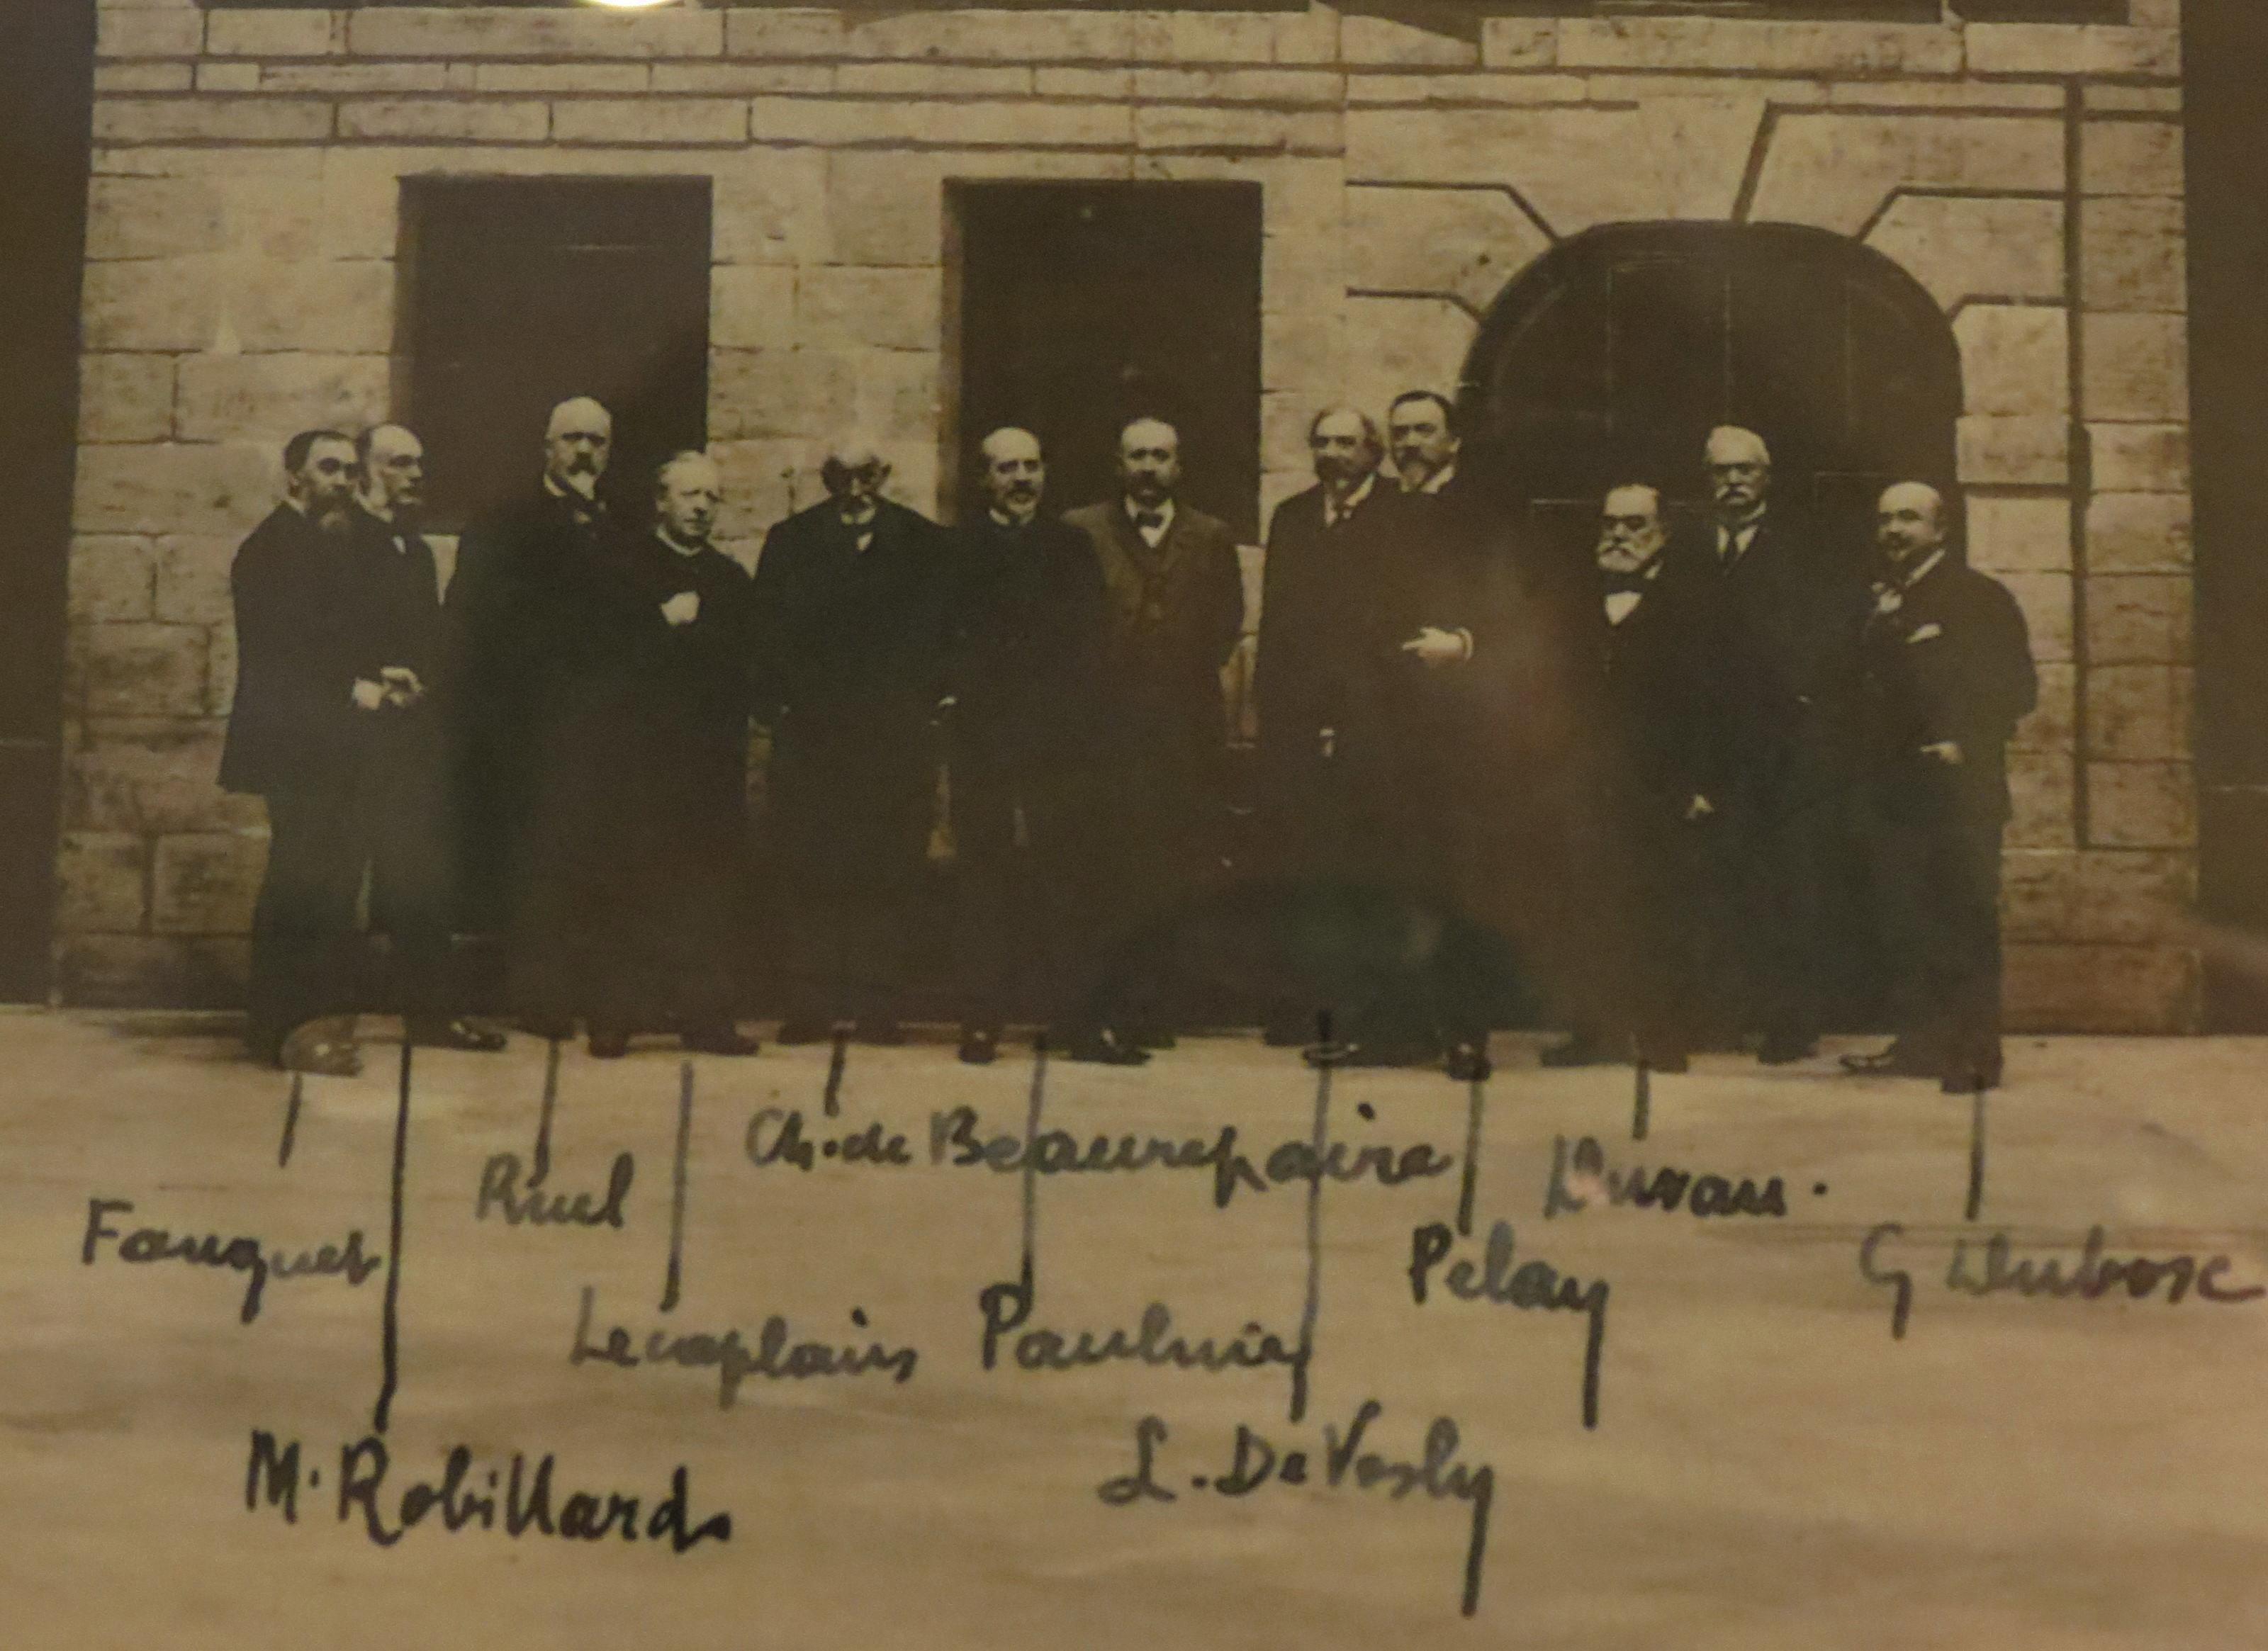 Peintres Ecole De Rouen file:musée pierre corneille (rouen) - acteurs du rachat